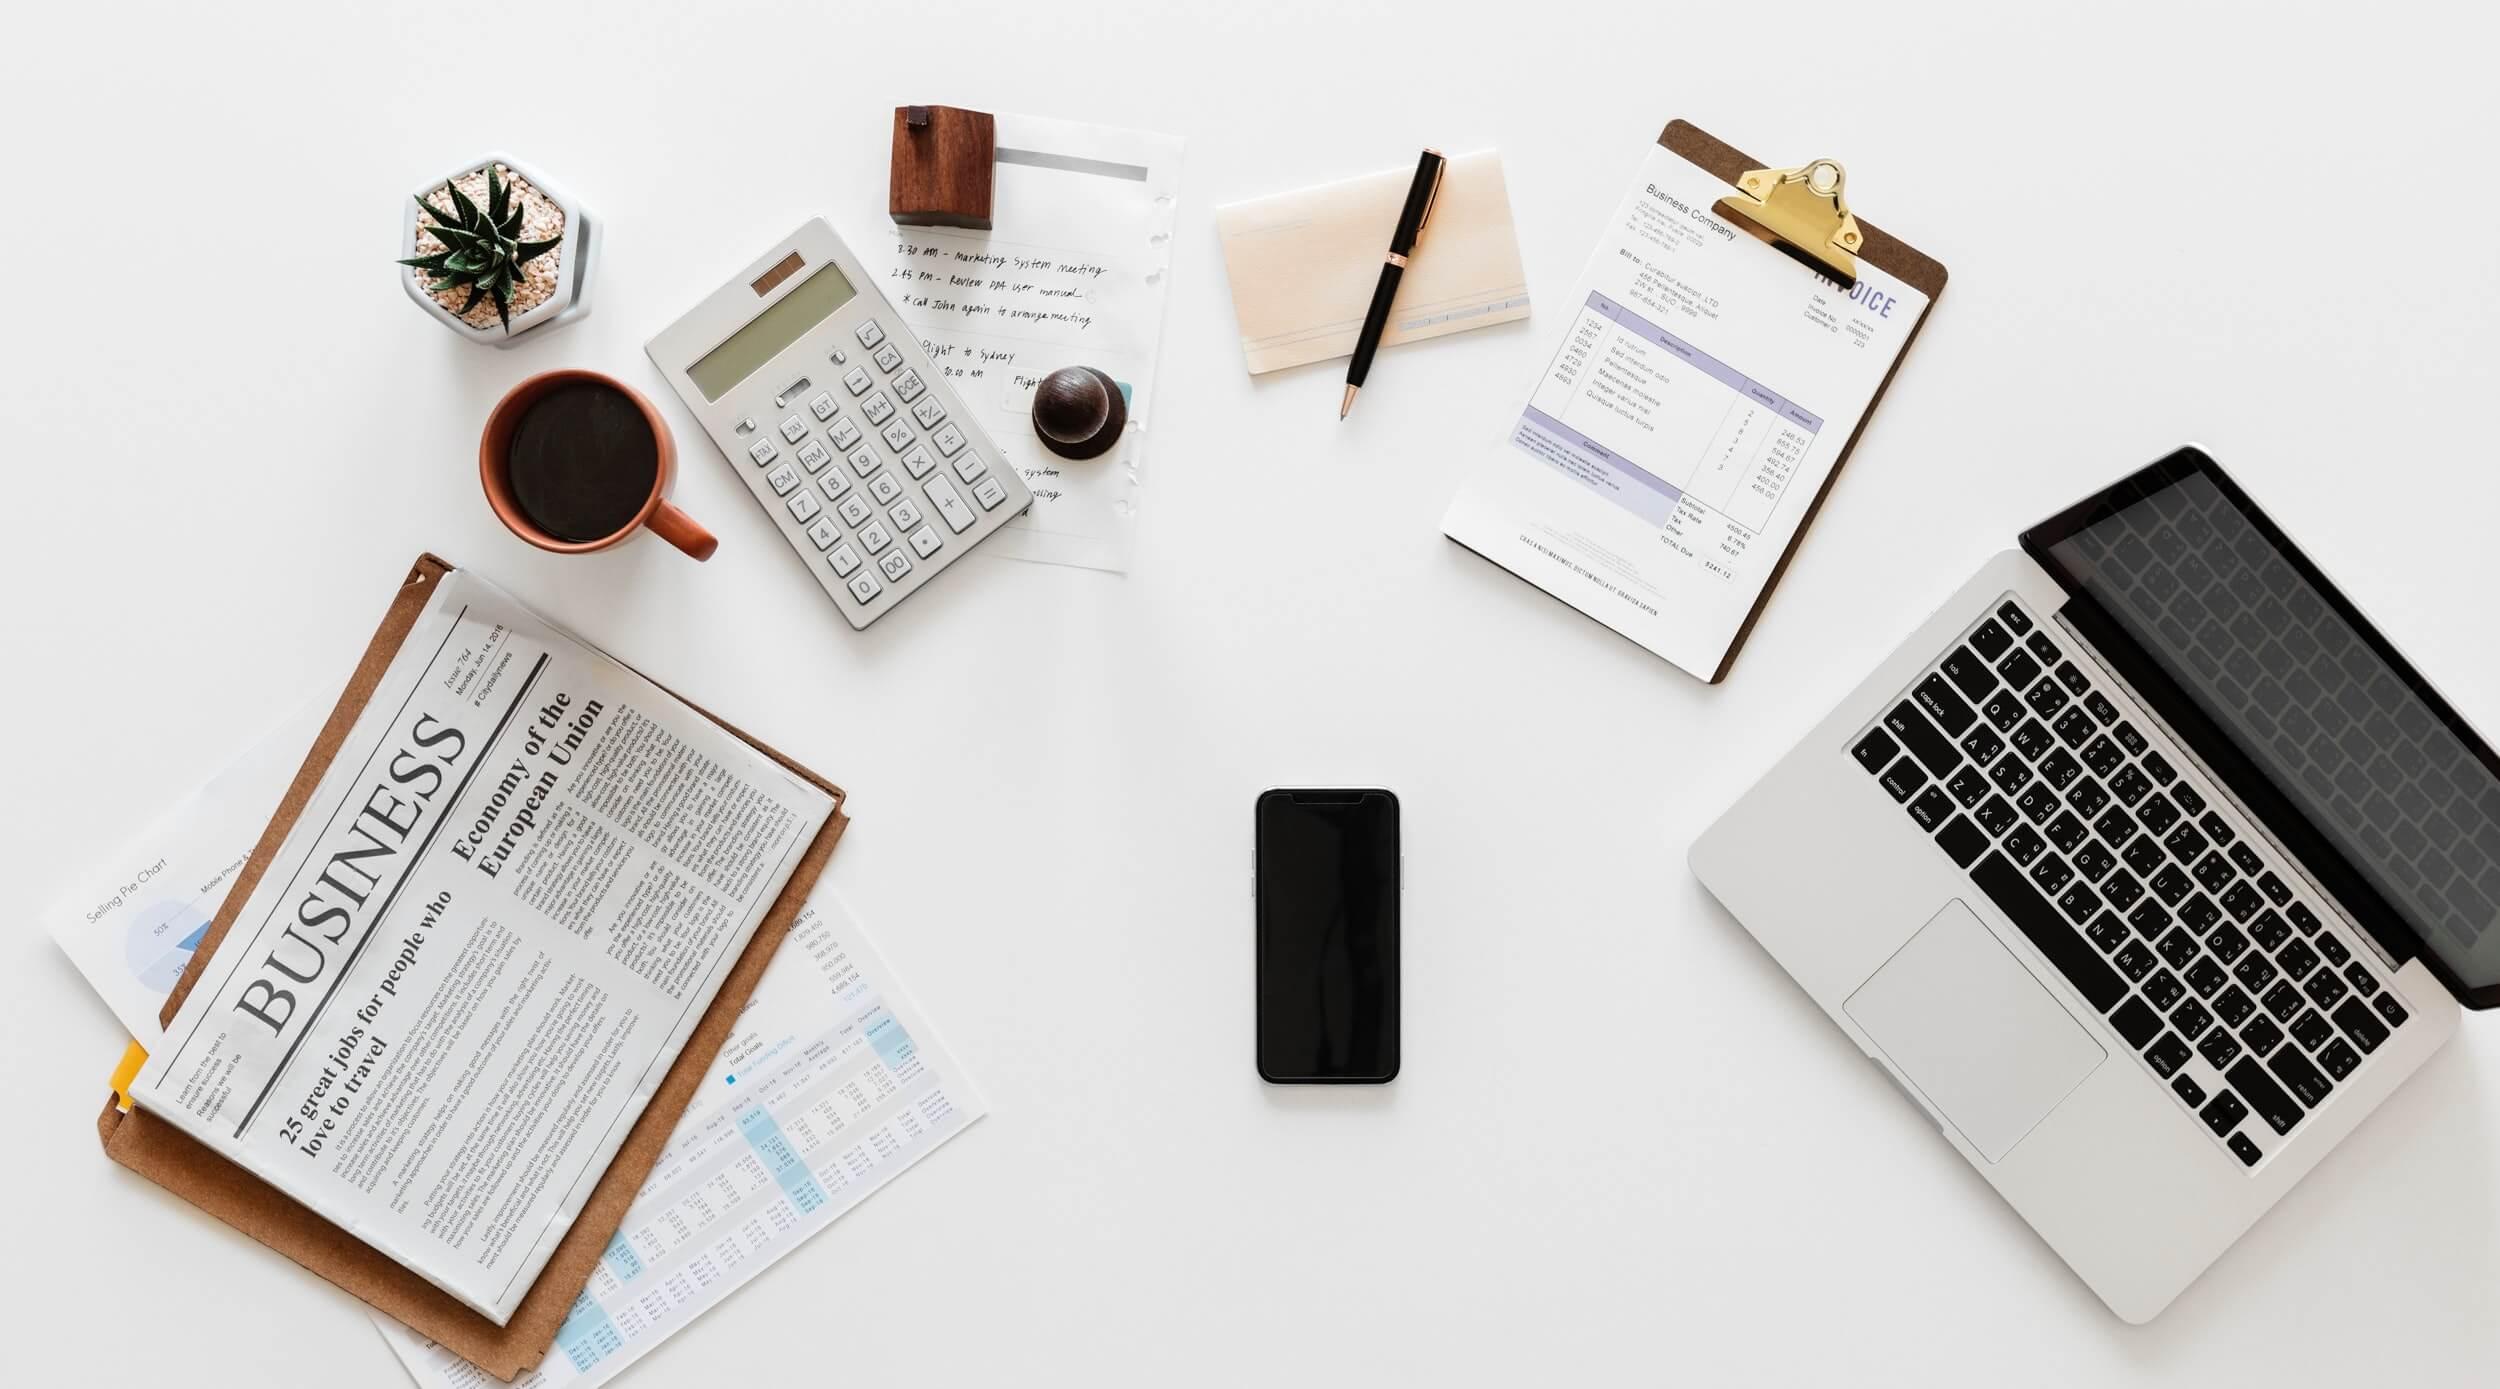 Tisch mit verschiedenen Büroutensilien